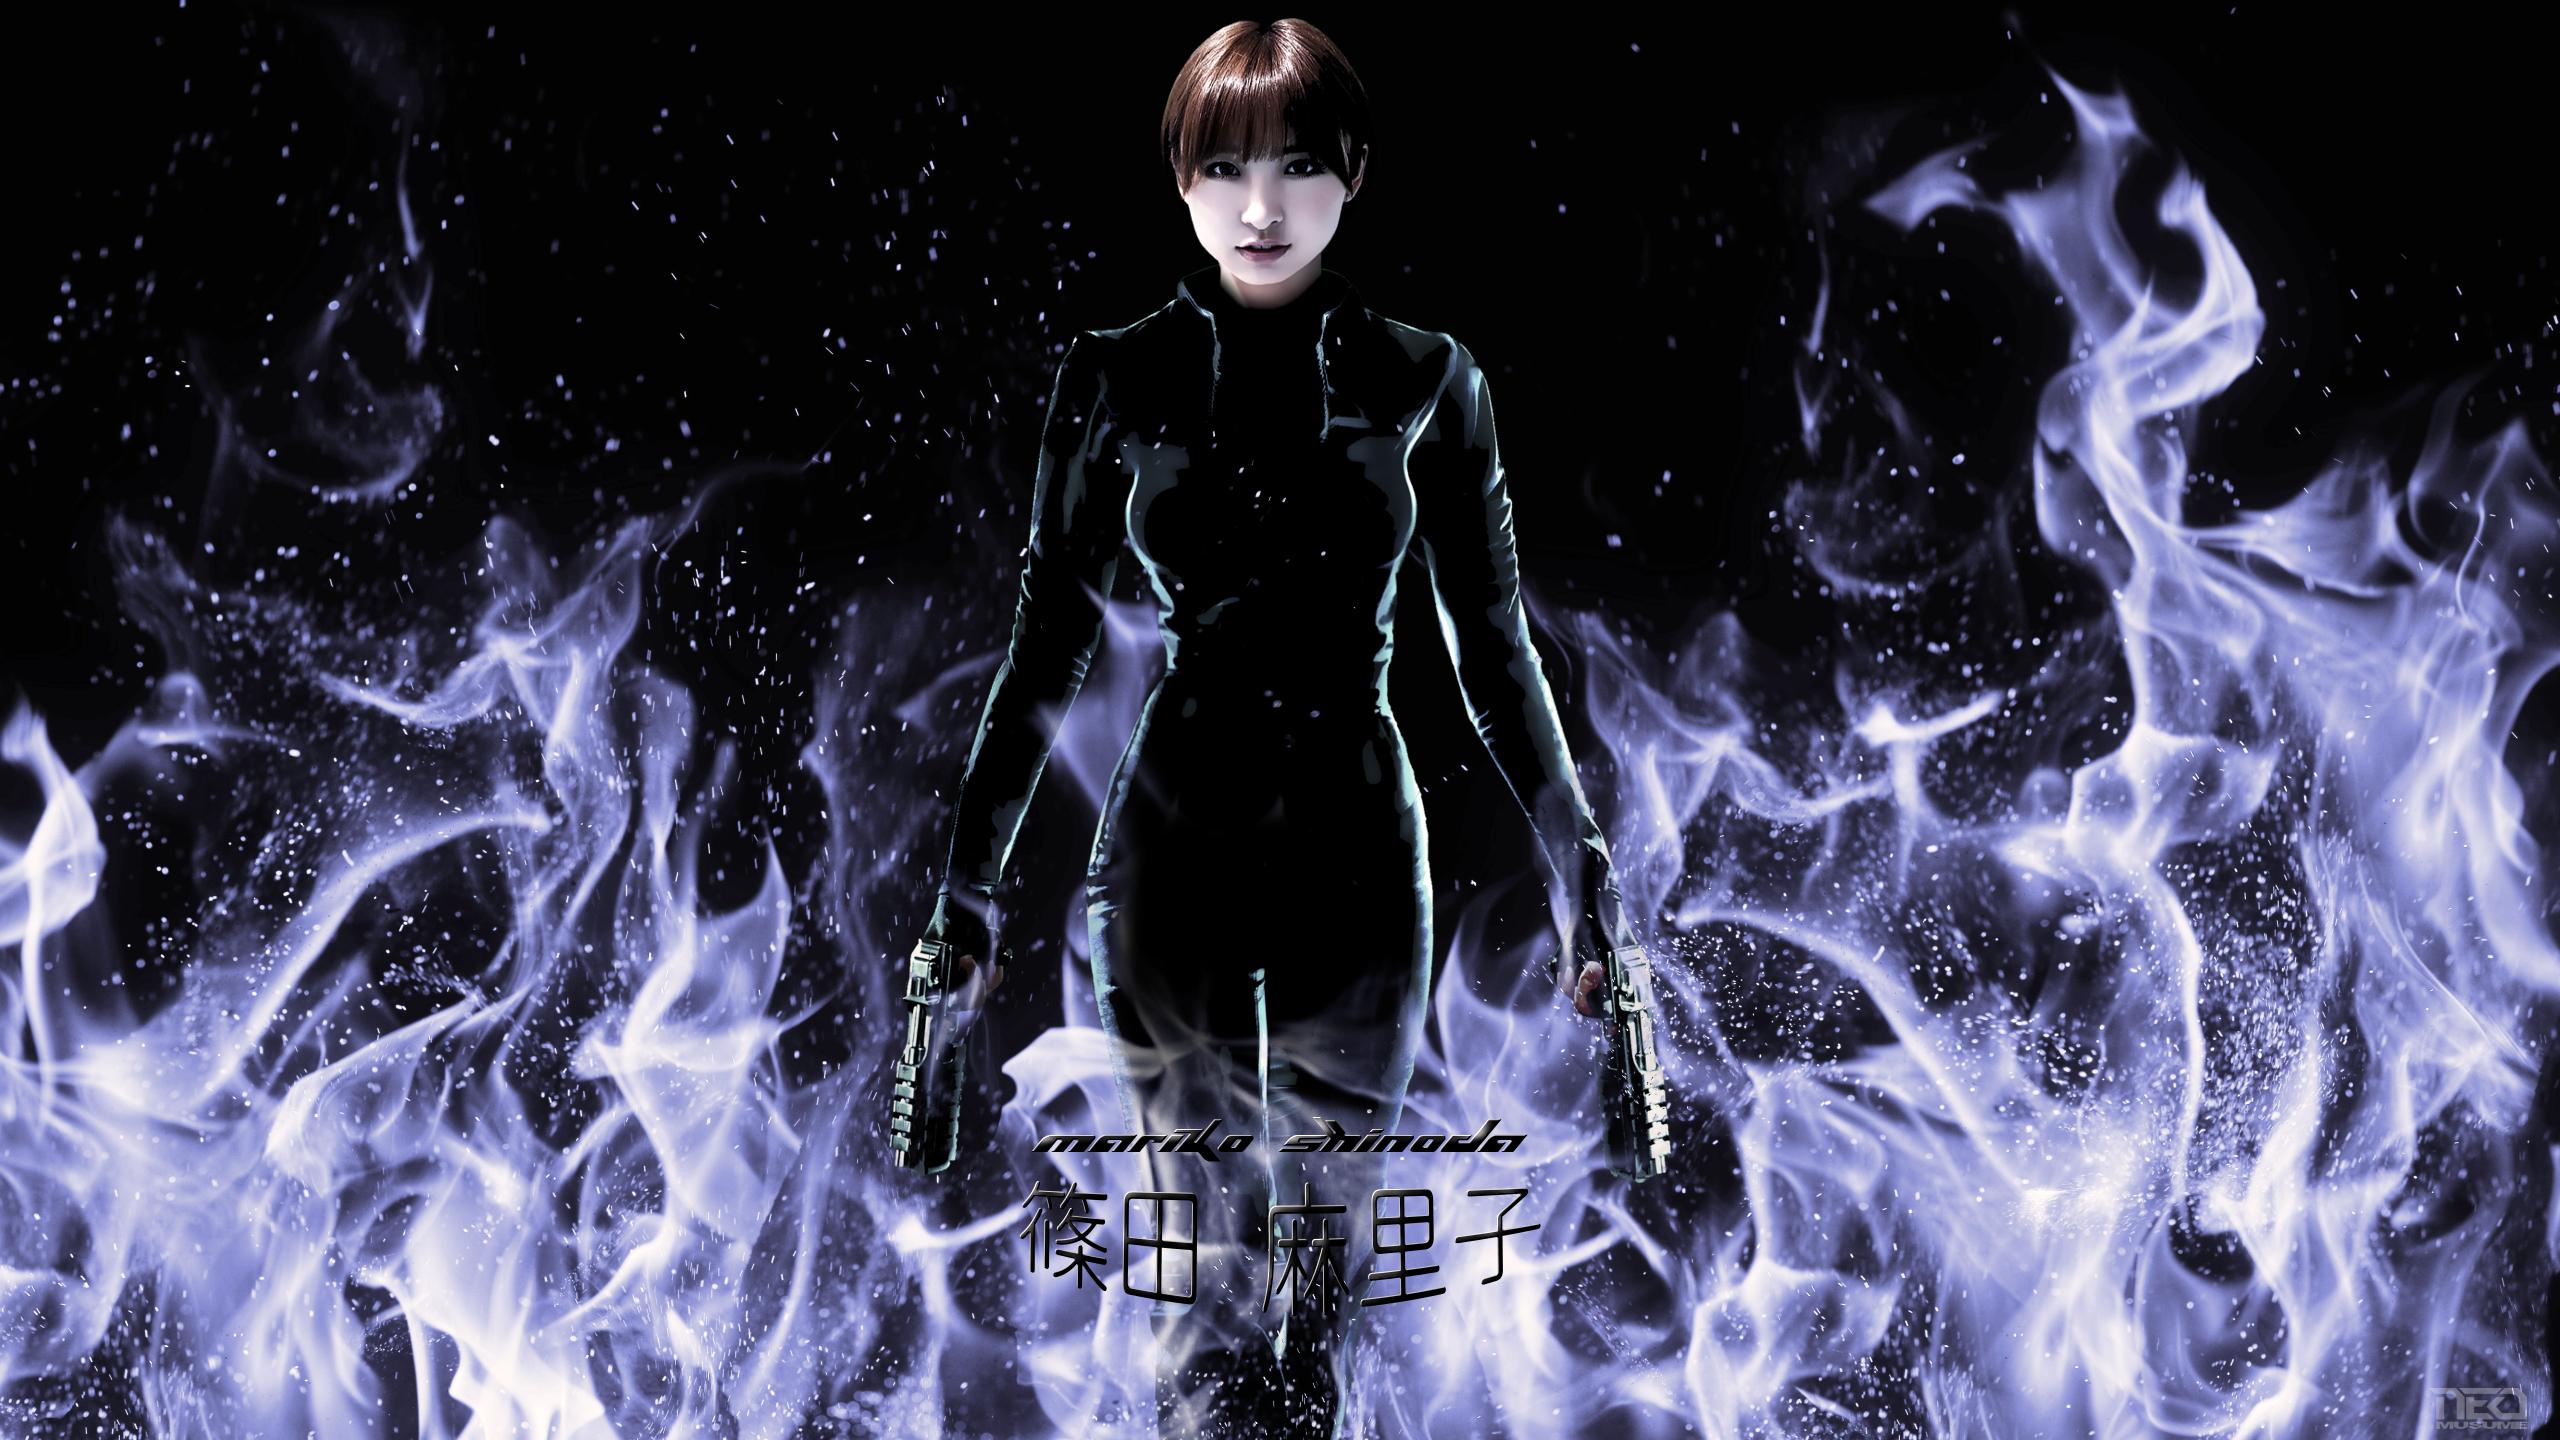 Mariko Dark by NEO-Musume